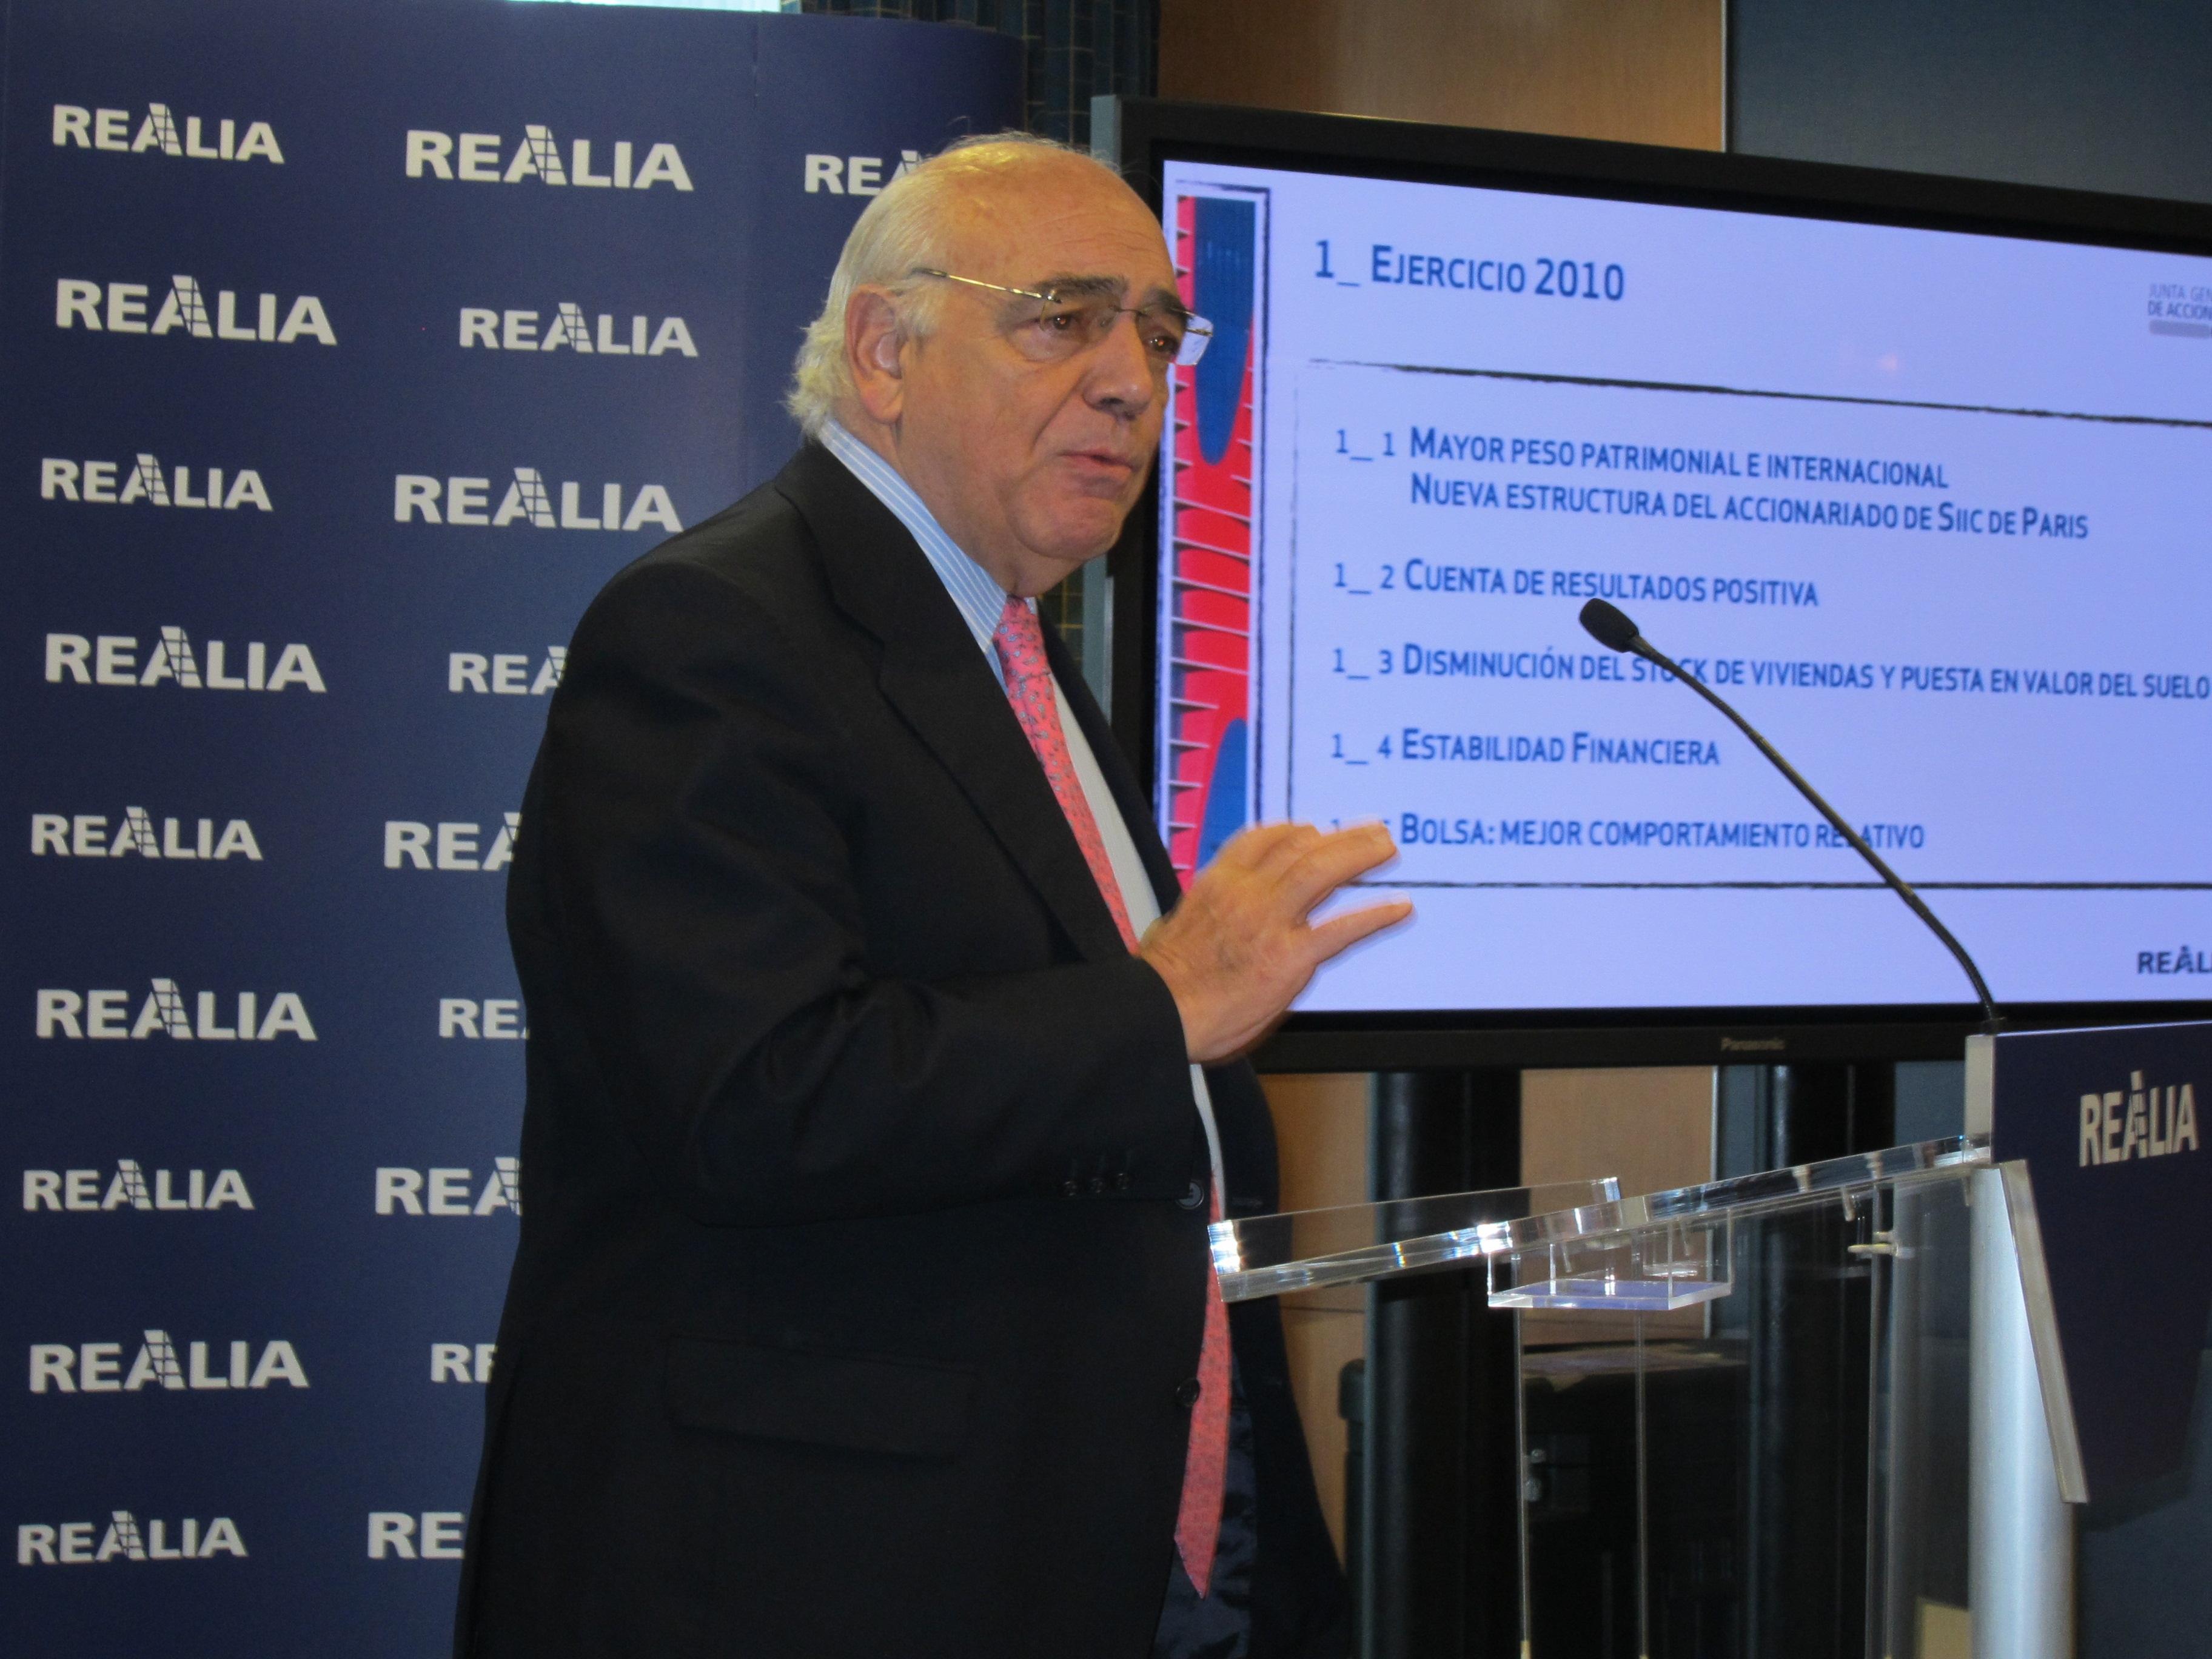 Realia pierde 319 millones por devaluación de activos y provisiones